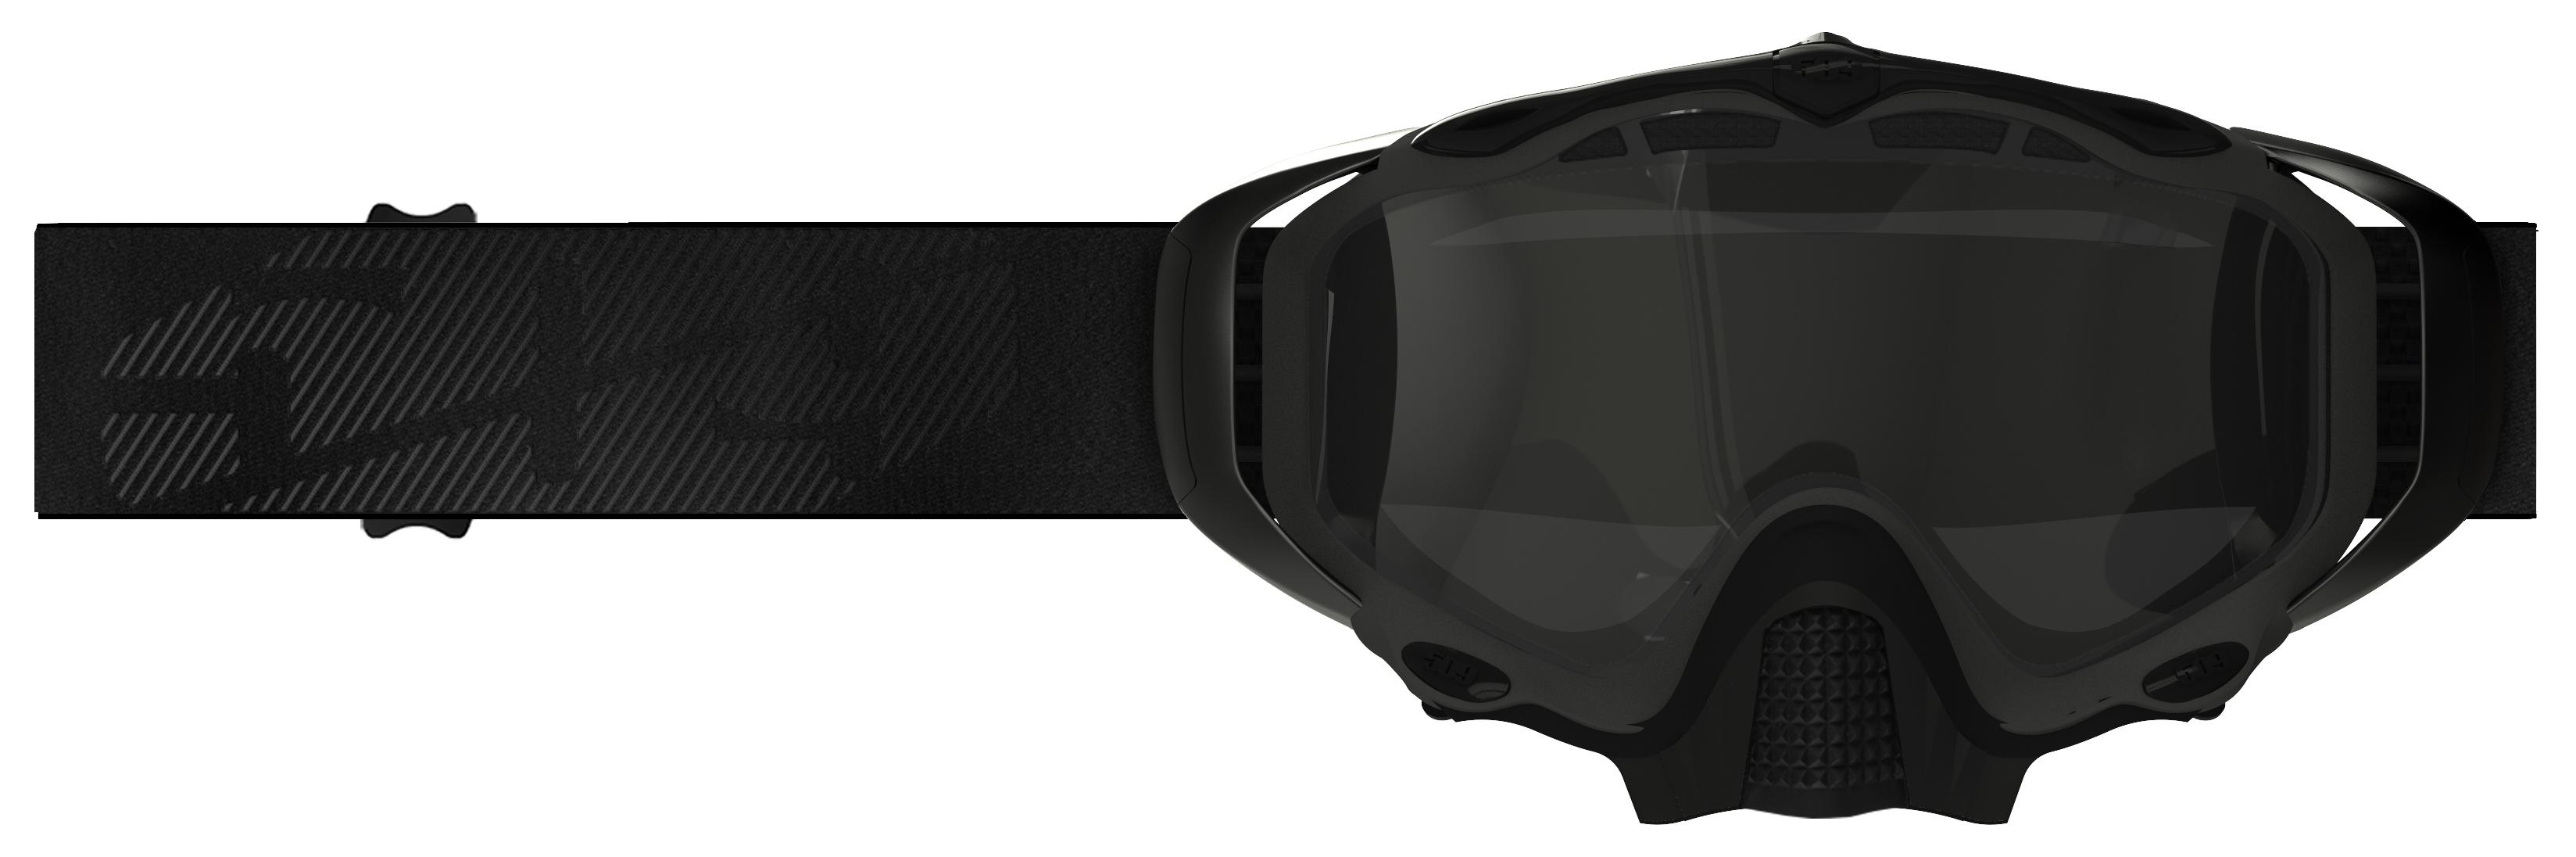 84b814e91f3 509 Sinister X5 Goggles